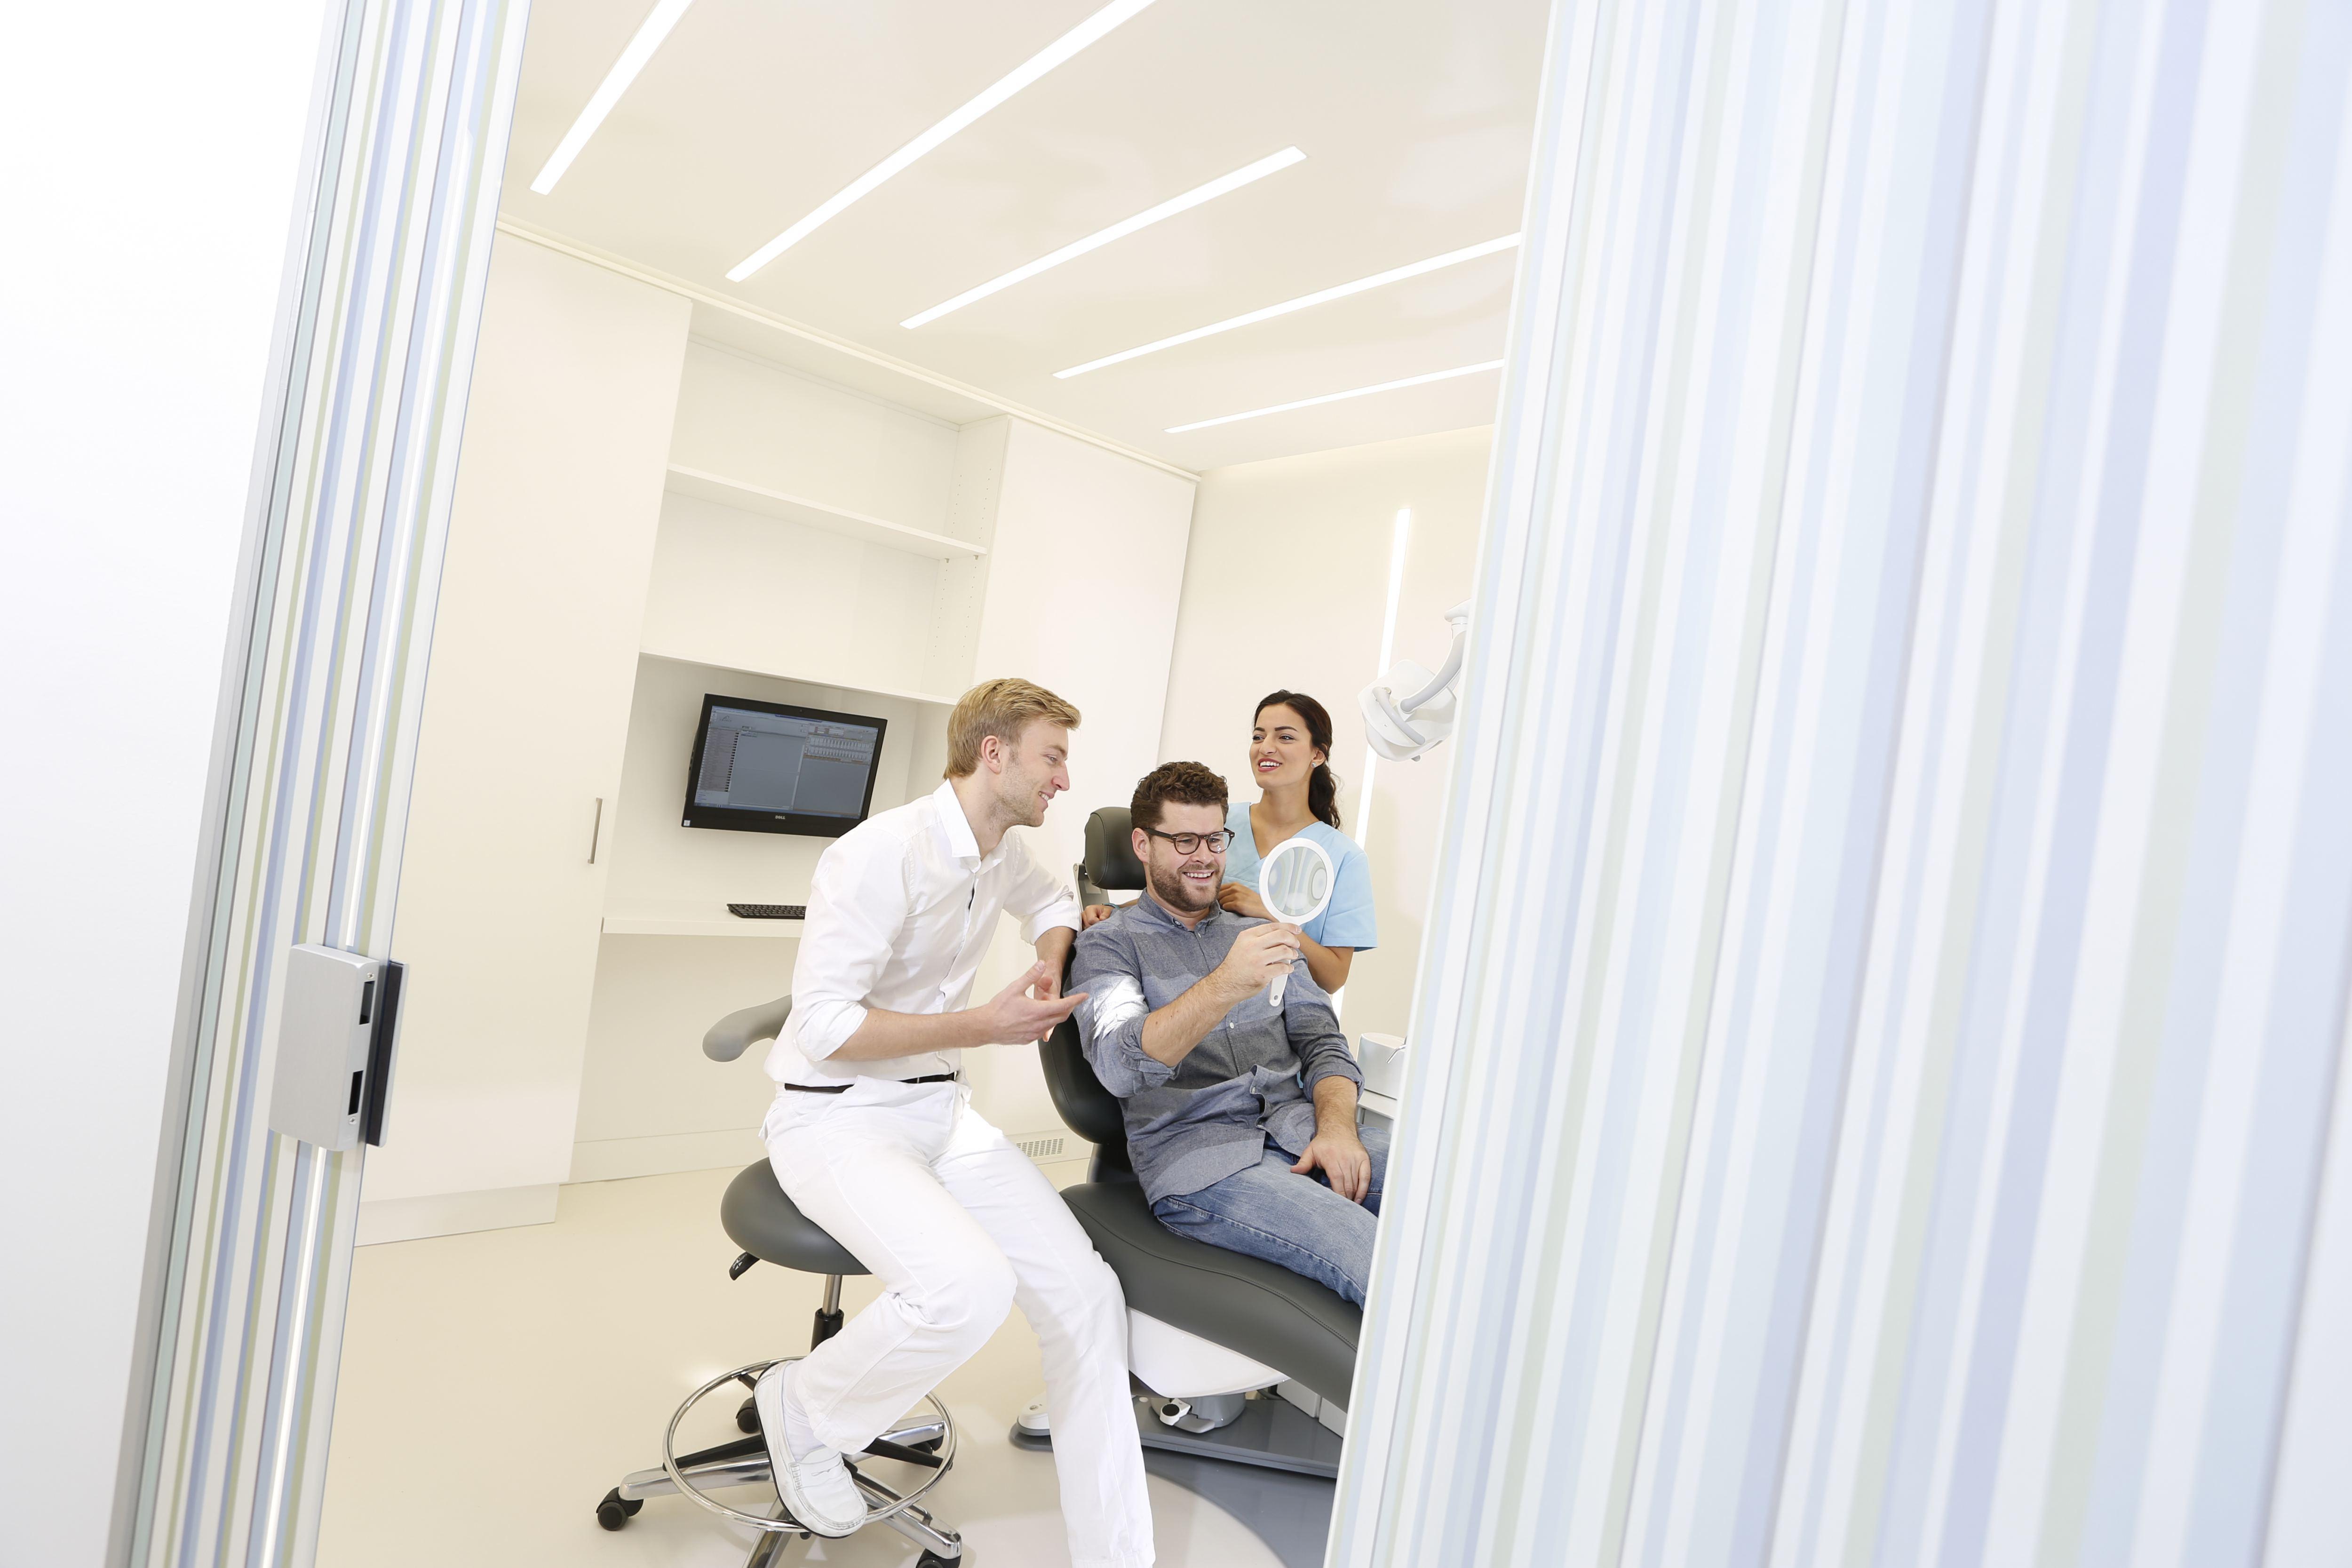 Dr. Thore Thomsen bei der Zahnreinigung.